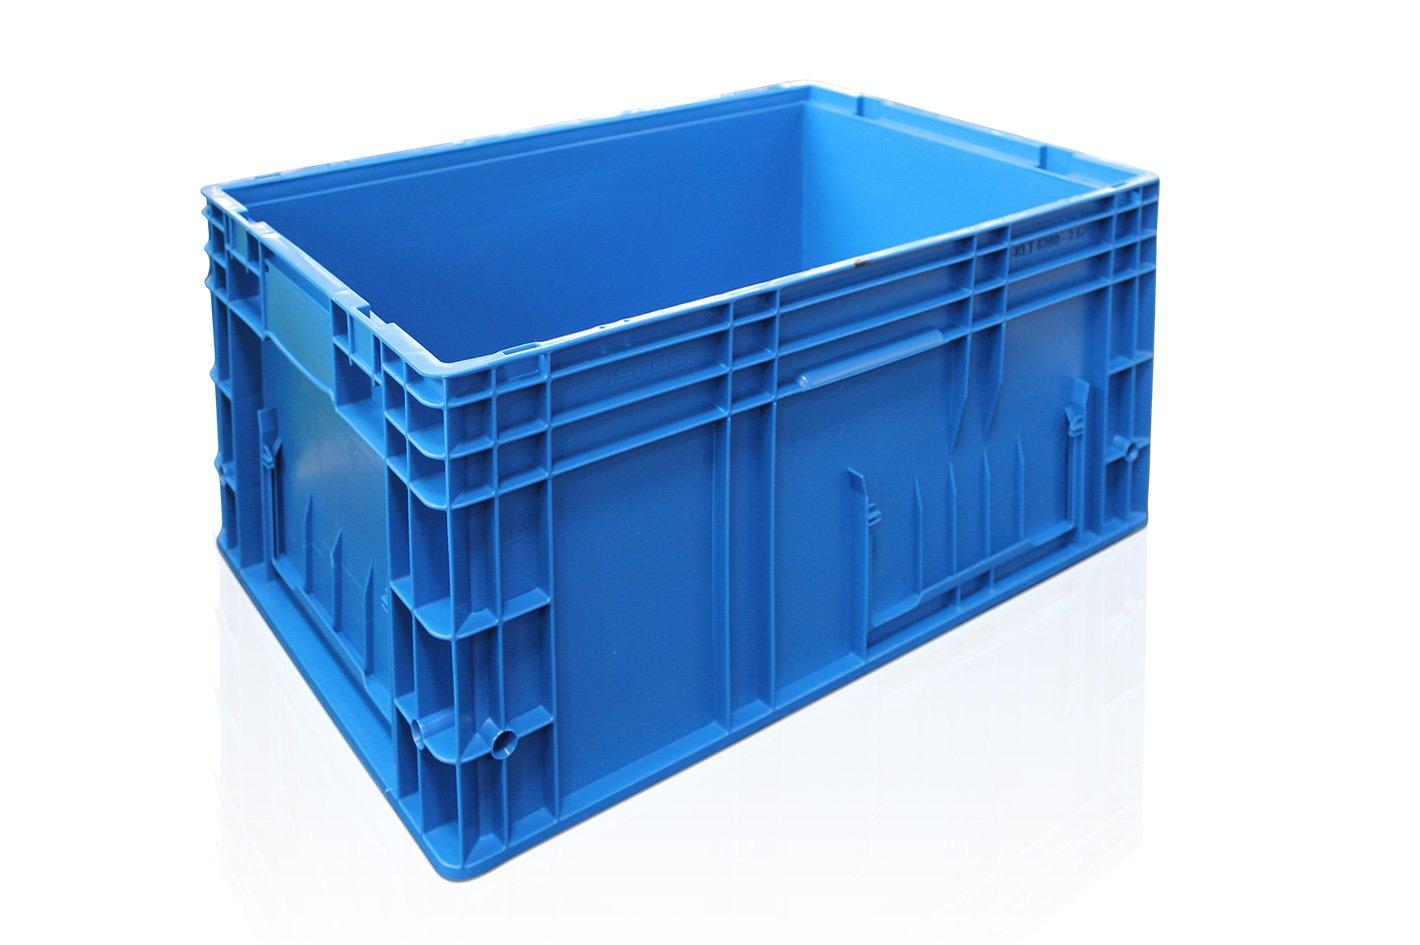 ISOCO Behä lter RL-KLT 6280 blau, 1 Stü ck